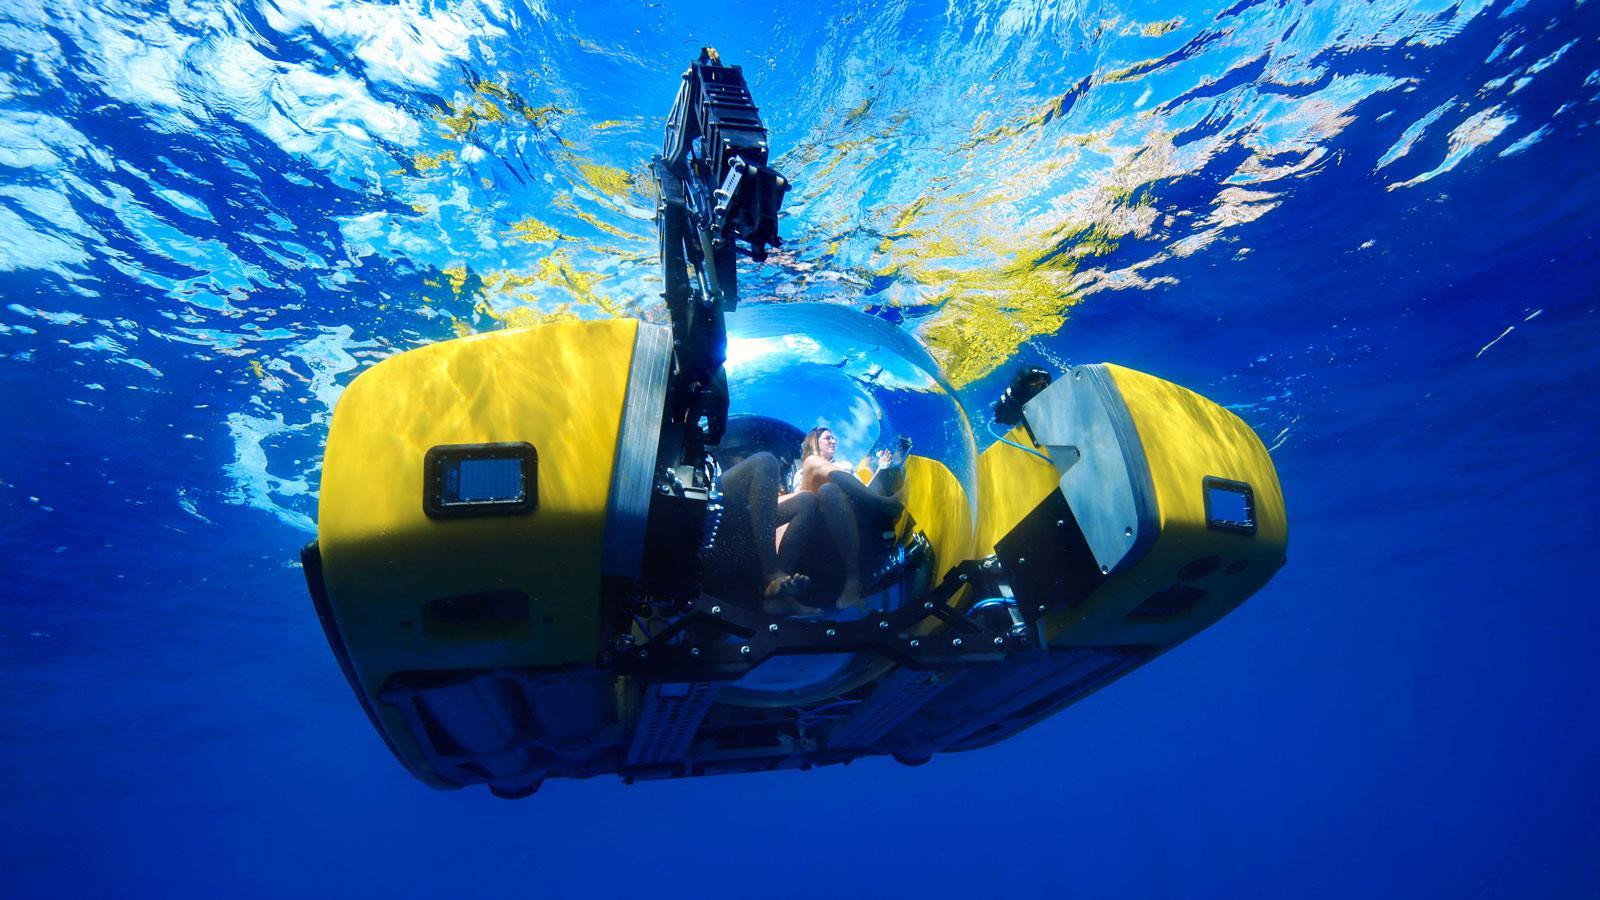 Ein Bild, das draußen, gelb, Sport, schwimmend enthält.  Automatisch generierte Beschreibung